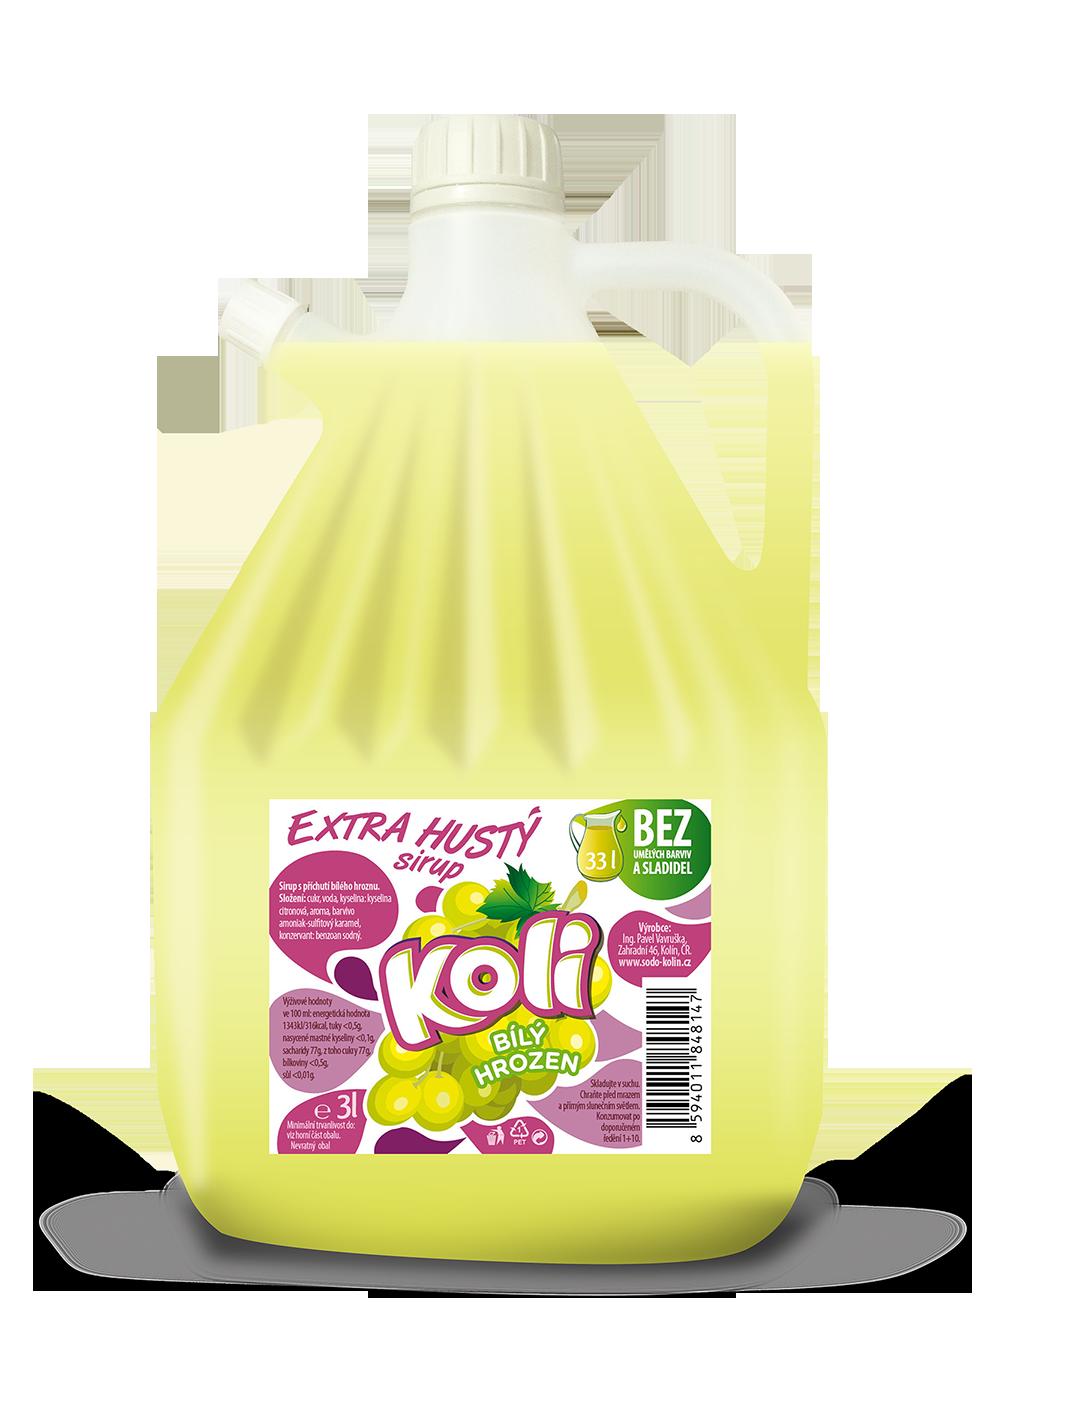 Koli sirup EXTRA hustý 3lt biele hrozno - osviežujúca limonáda s príchuťou bieleho hrozna. Sodovkárna Kolín